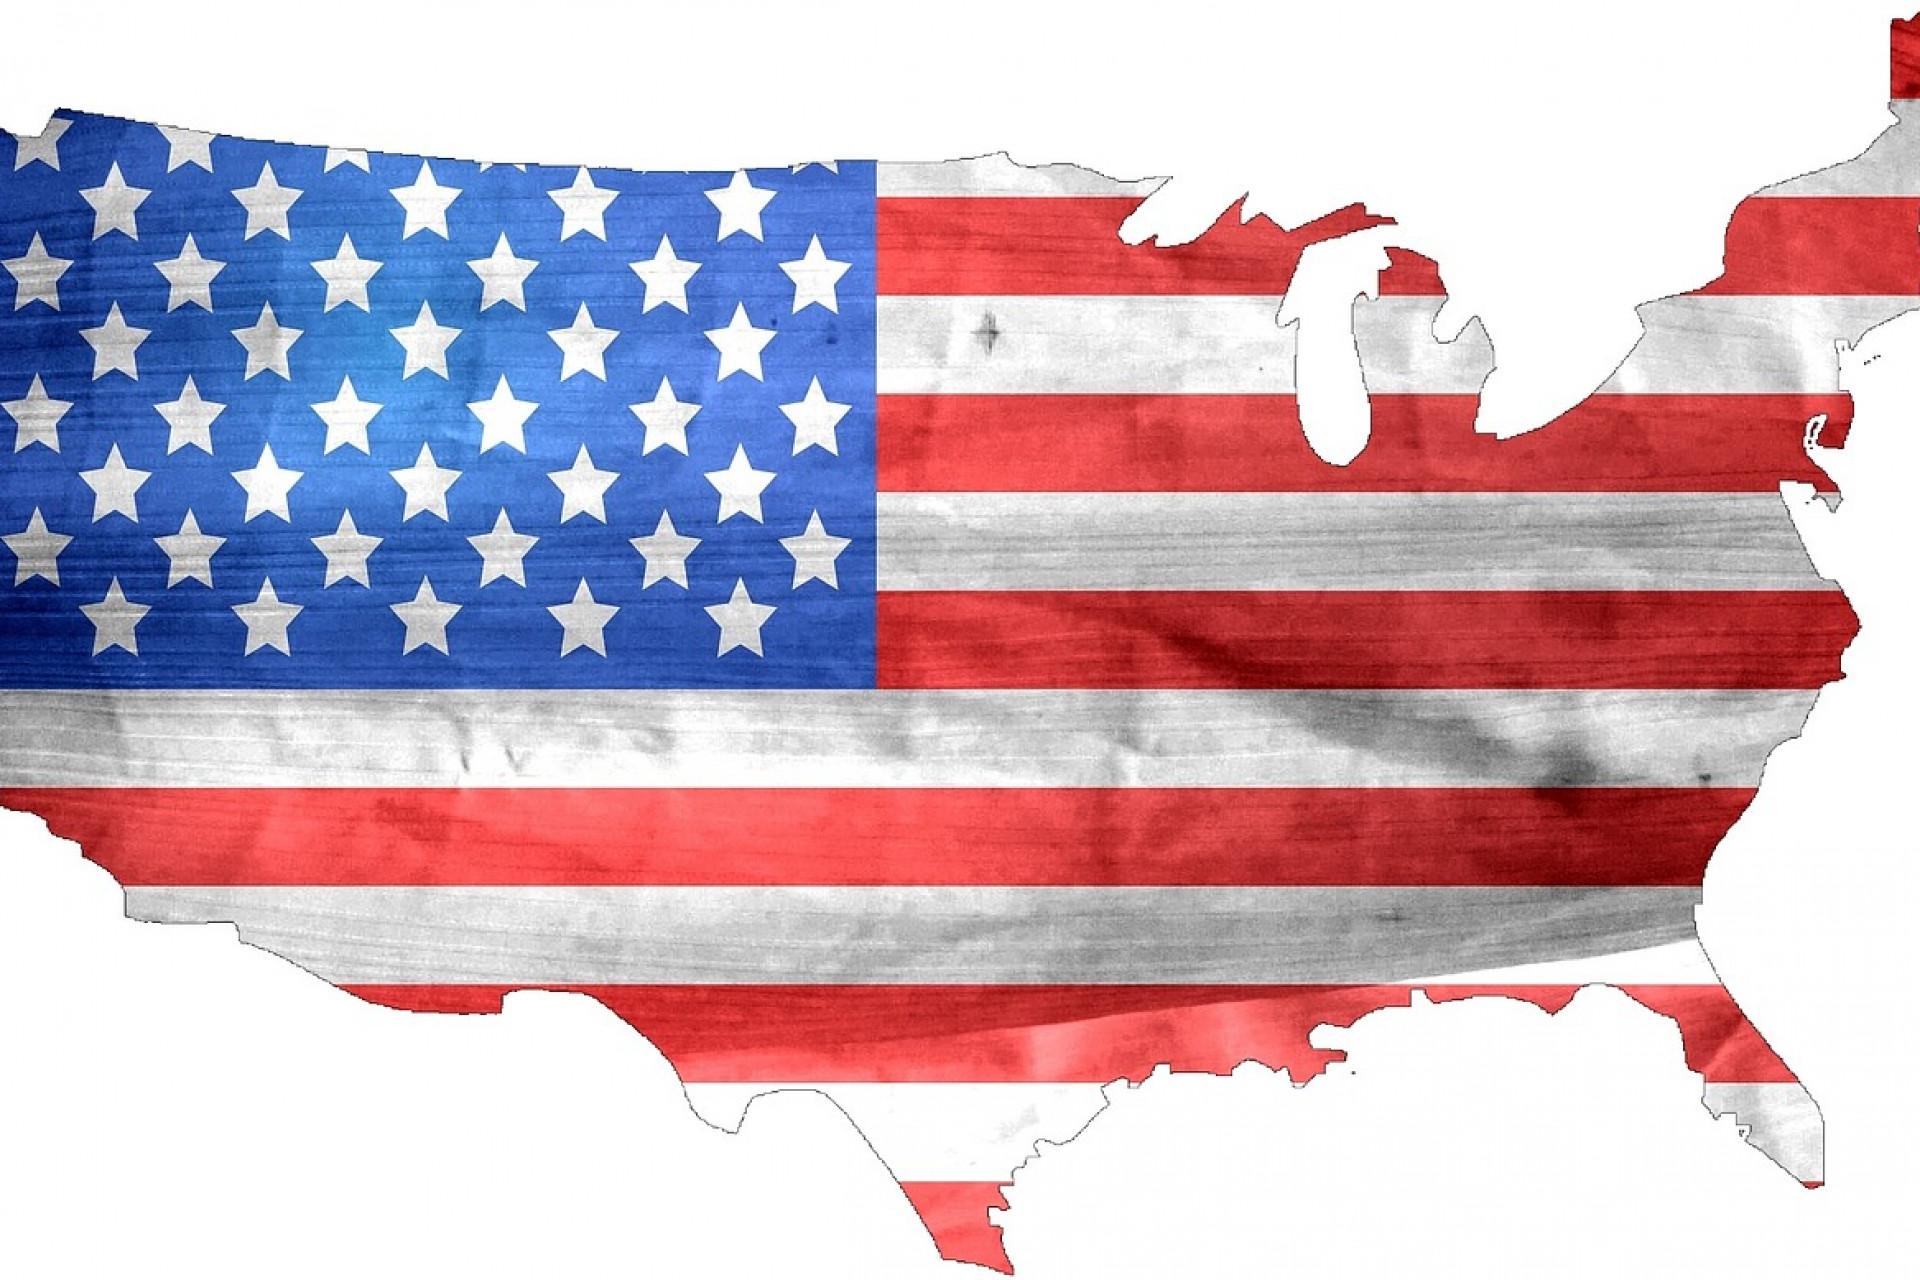 Pozycji USA wydaje się też w niewielkim stopniu szkodzić sytuacja polityczna kraju. (fot. pixabay.com)